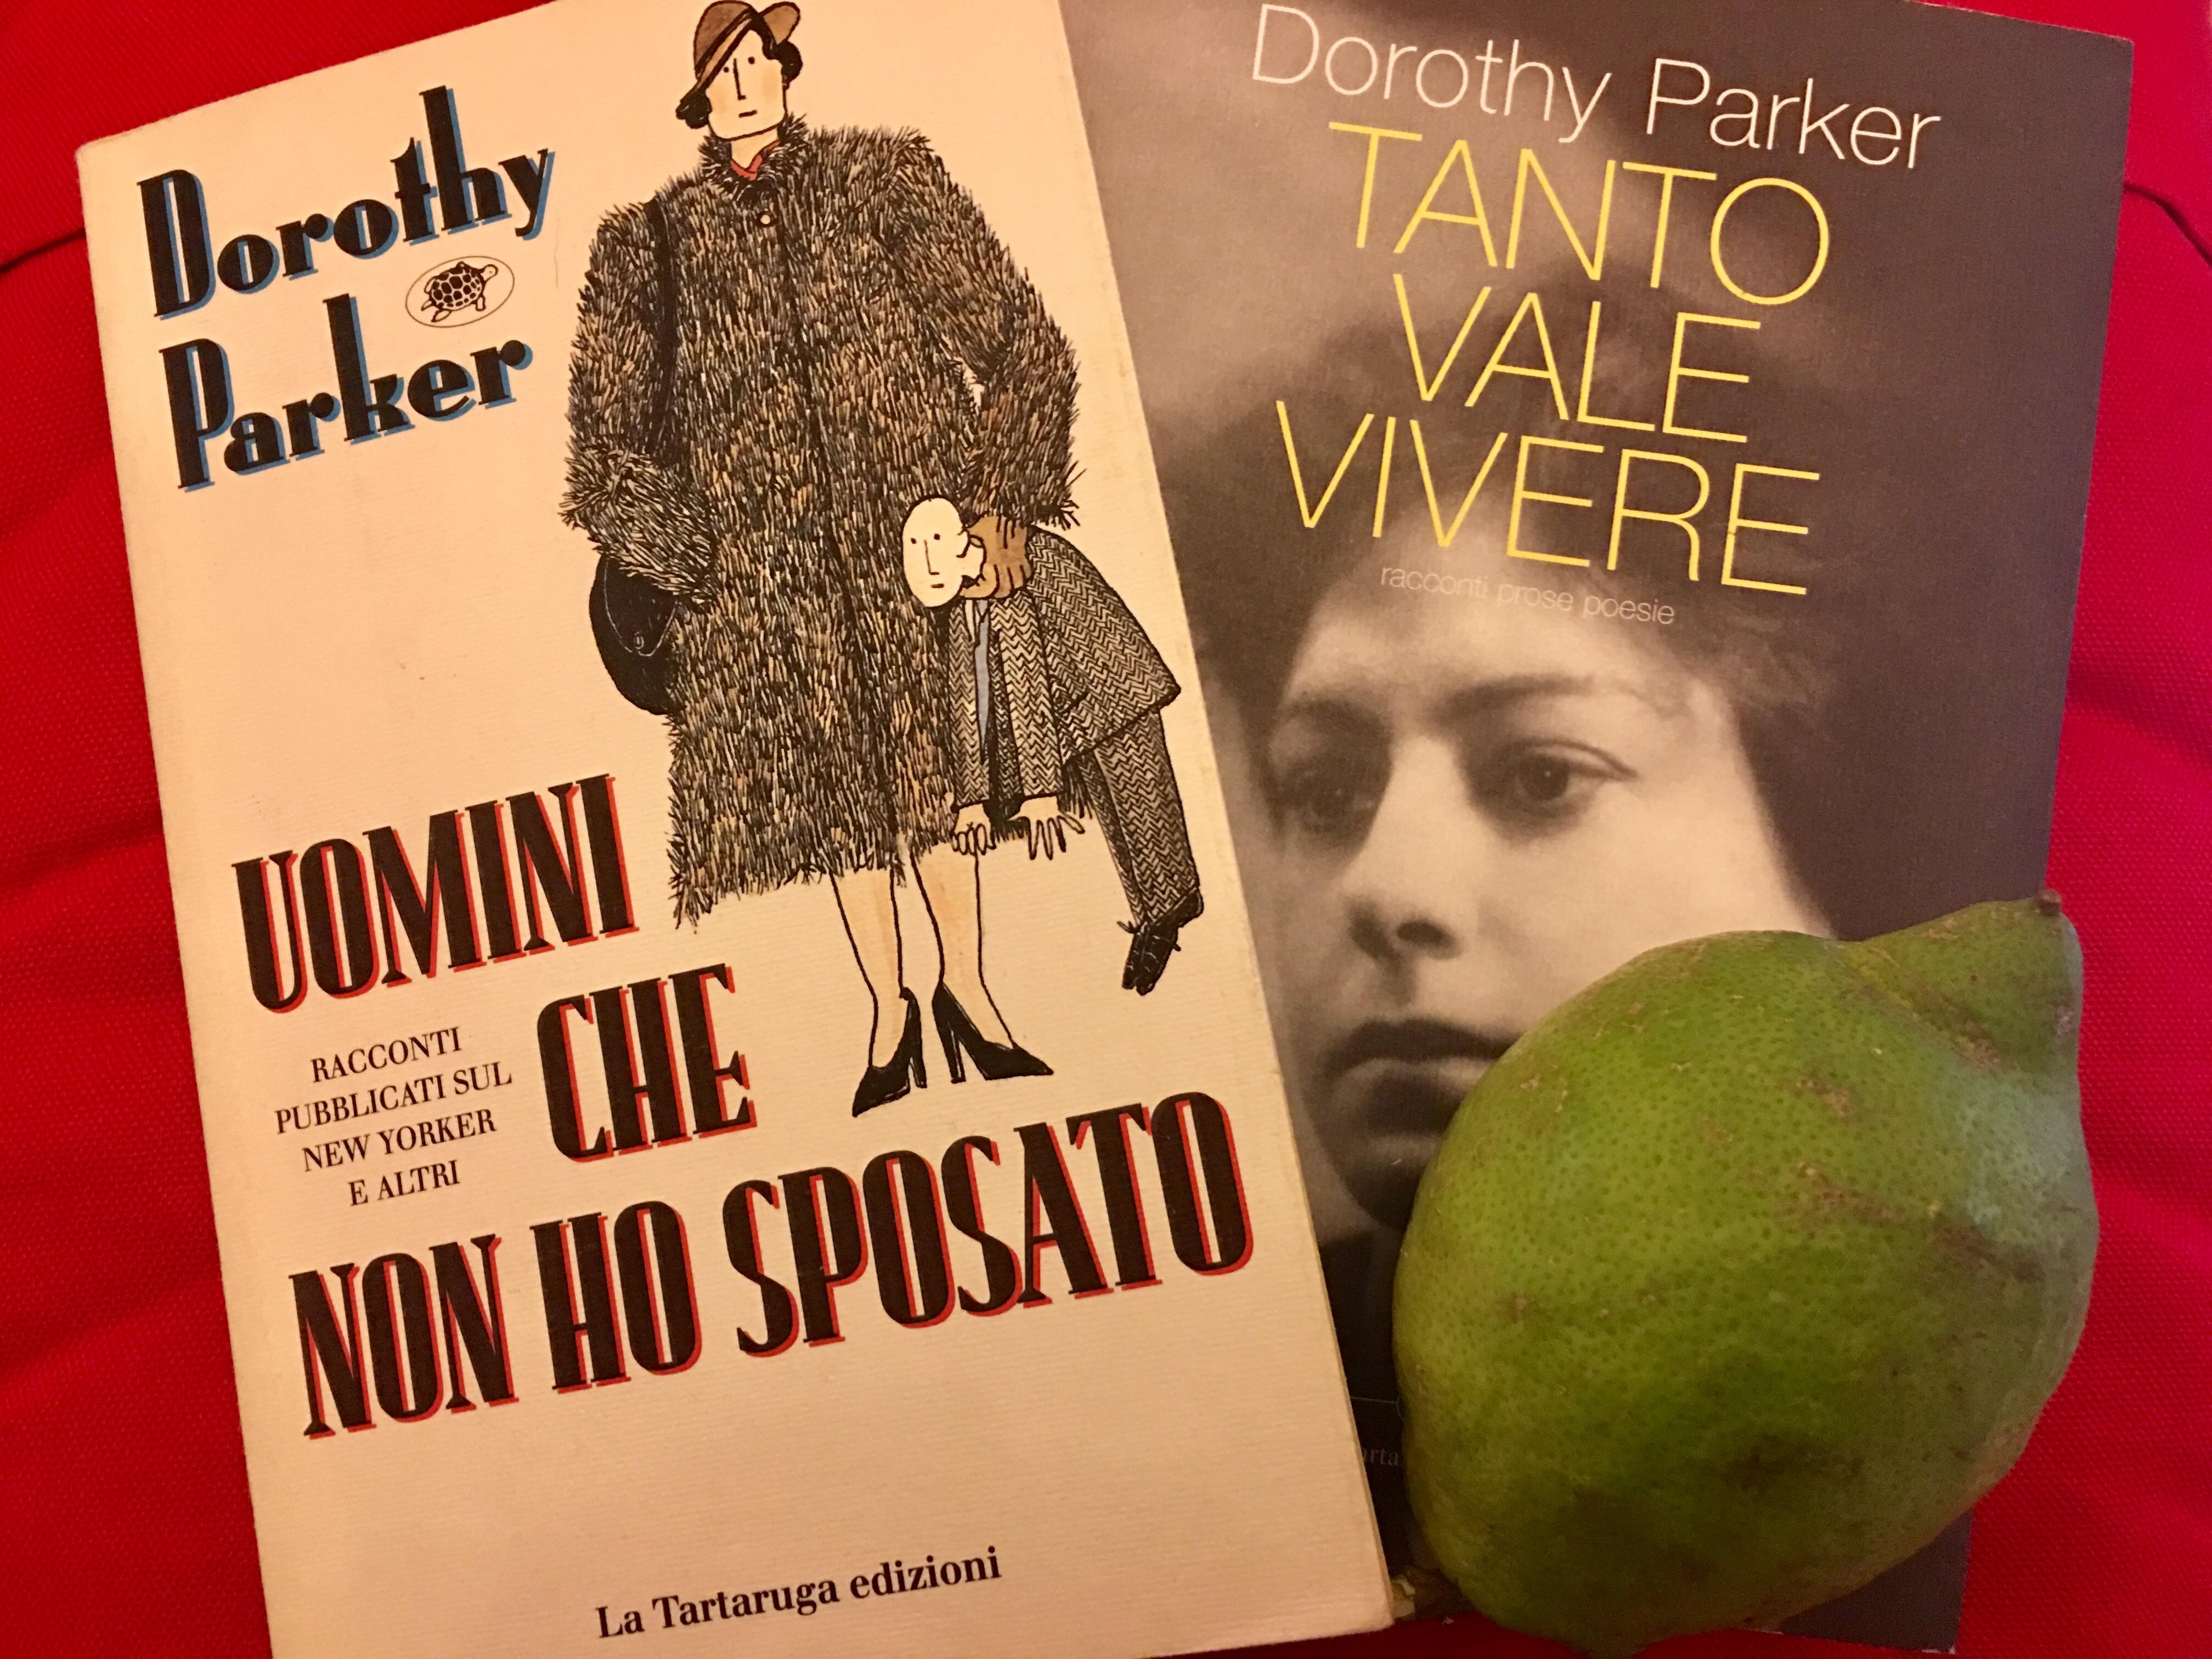 La stroncatura: quelle chose merveilleuse! - www.matteotuveri.it